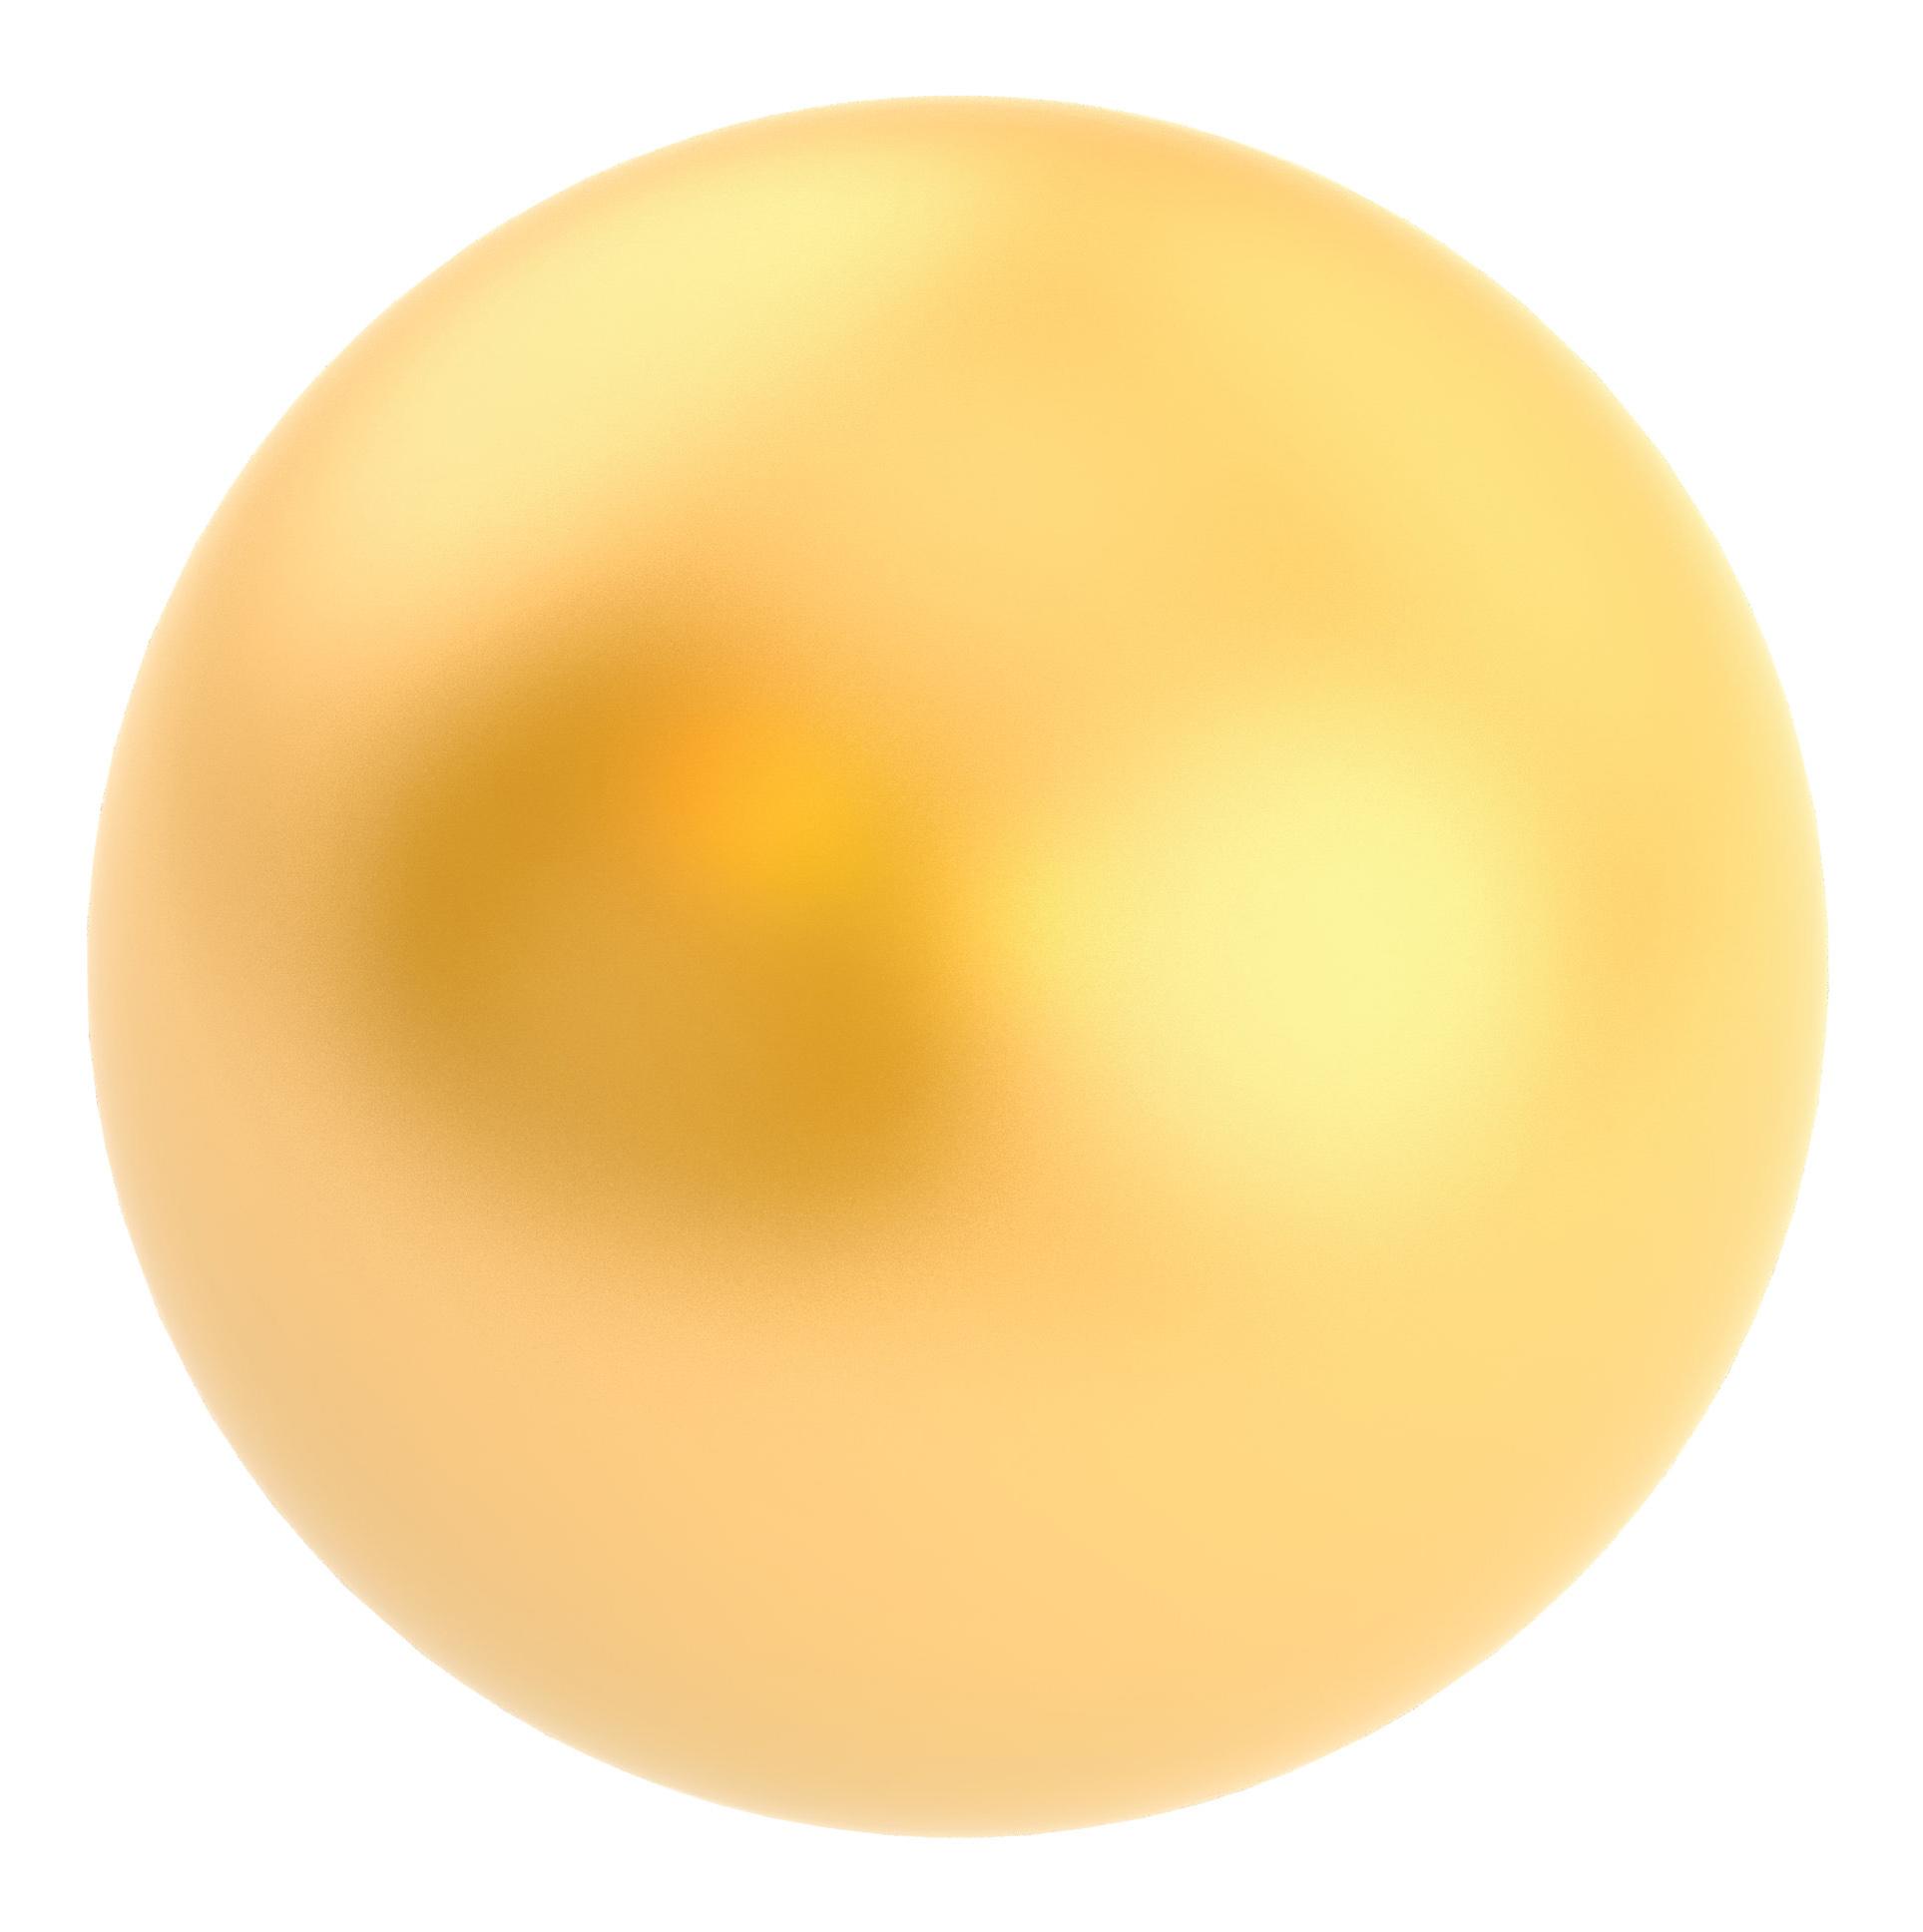 Шарики НОРДПЛАСТ диаметром 6 см, 50 шт. золотой и серебряный цвет